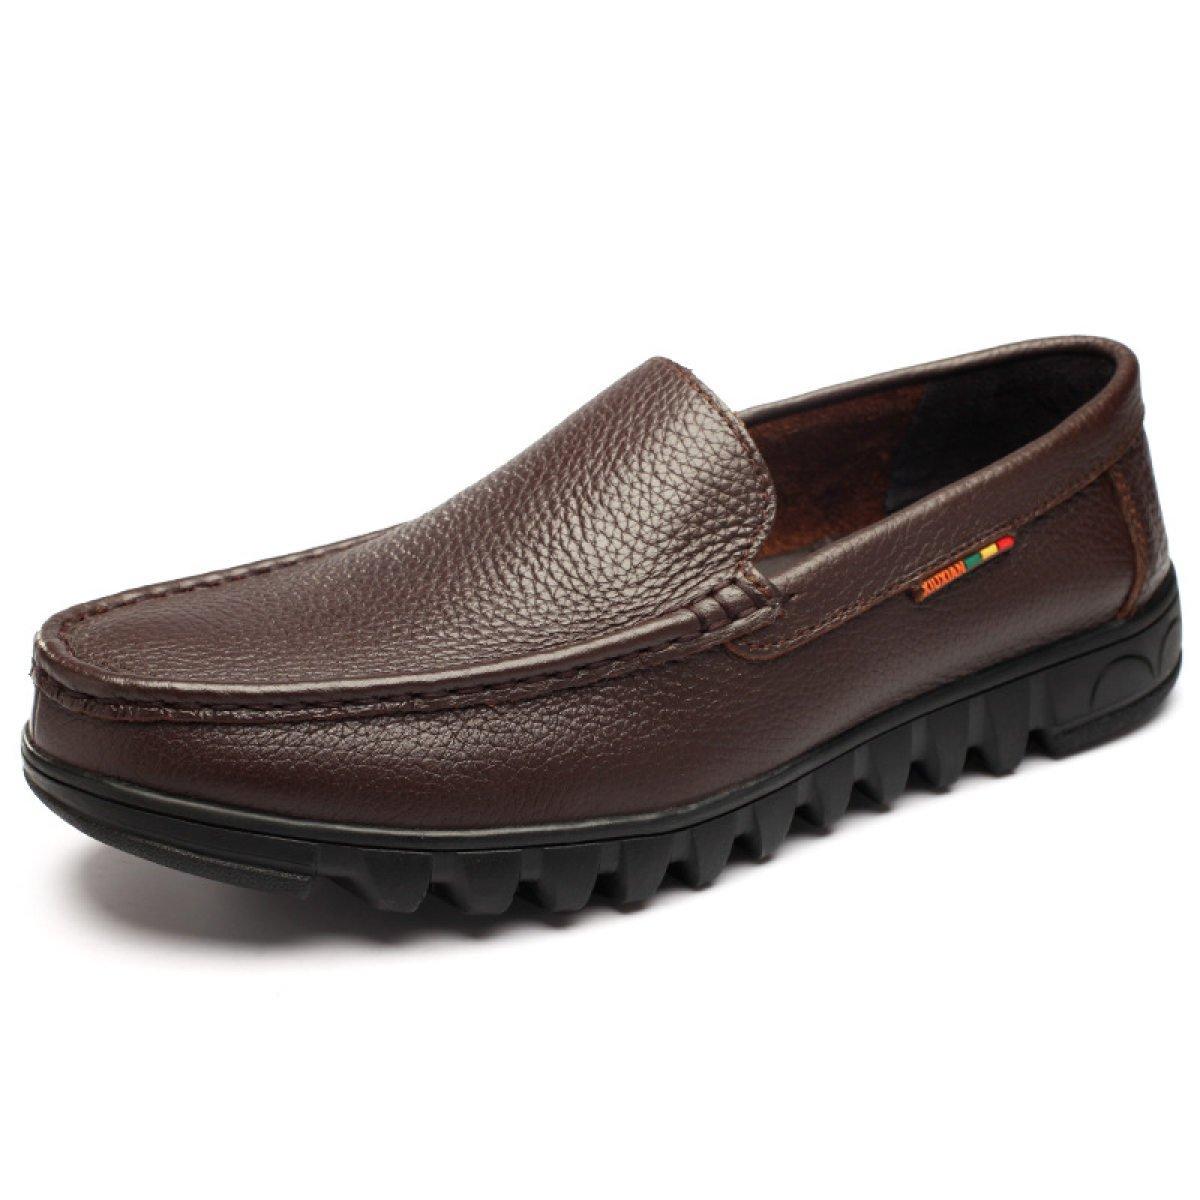 GTYMFH Männer Schuhe Warm Plus Samt Bequeme Schuhe Mittleren Alters Lässige Herrenschuhe